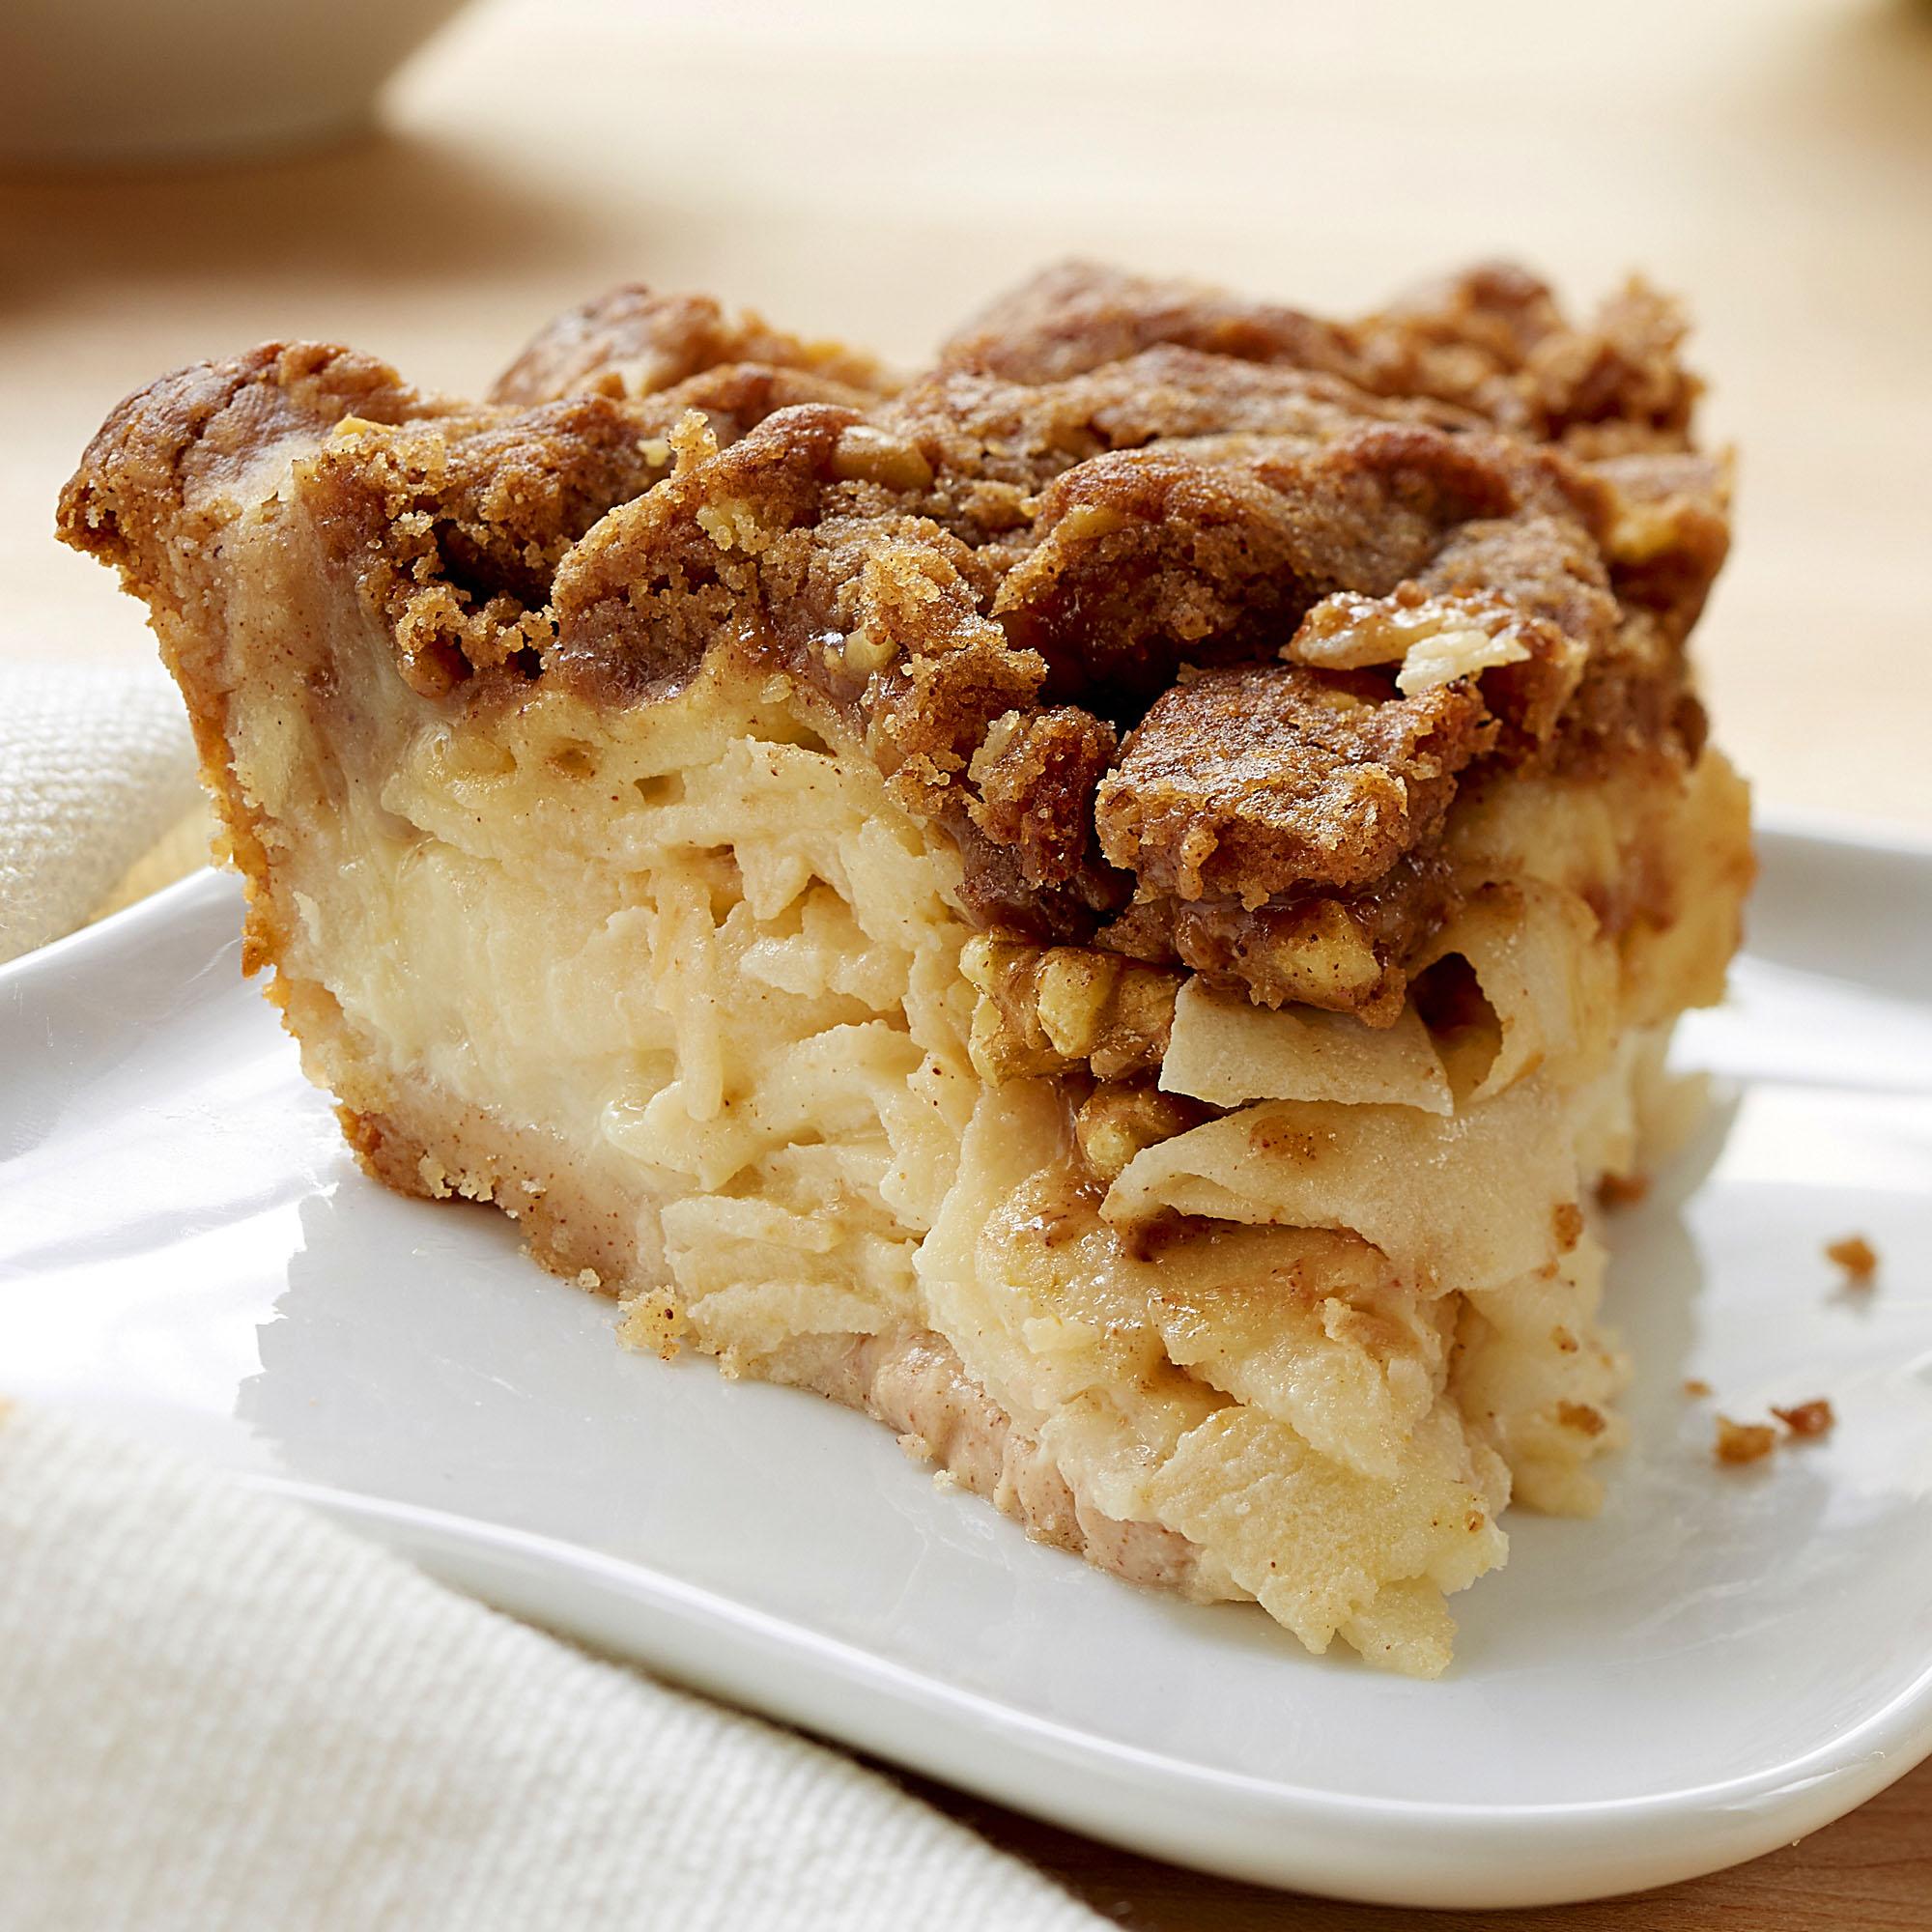 Рецепт яблочного пирога с корицей и орехами: прекрасный вариант десерта выходного дня - фото №1